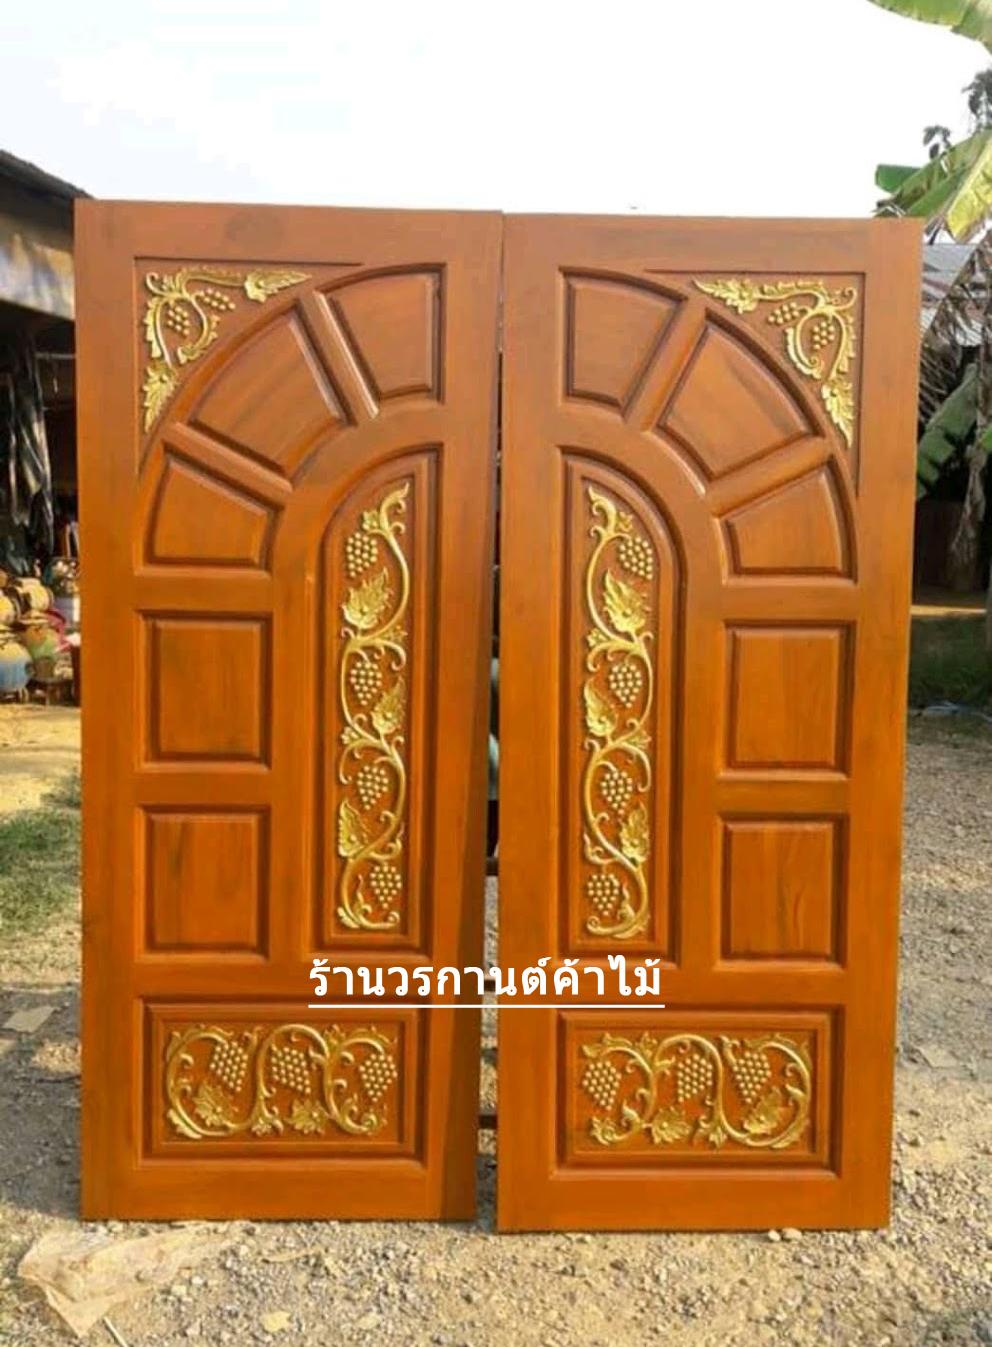 ประตูไม้สักบานคู่ แกะองุ่น รหัส BB19